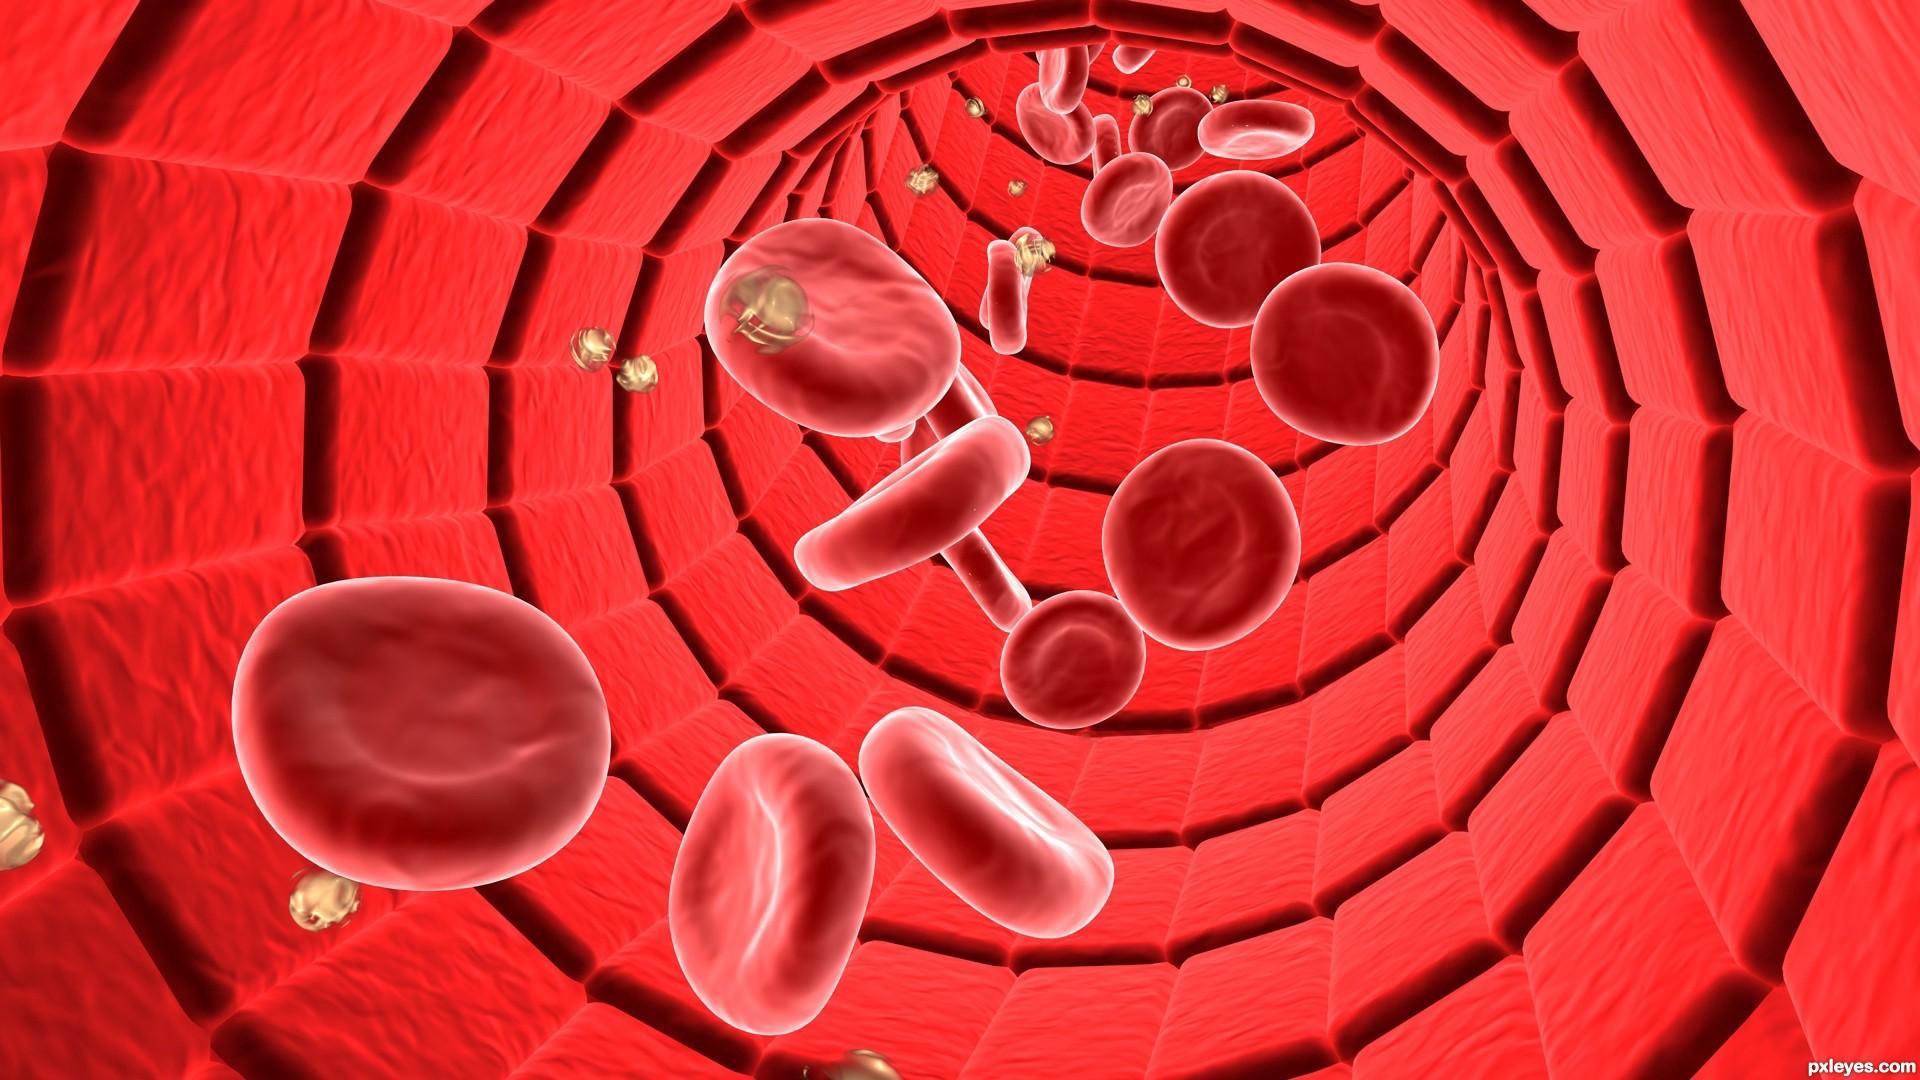 شبیه سازی جریان خون با استفاده از یادگیری عمیق (Deep Learning)